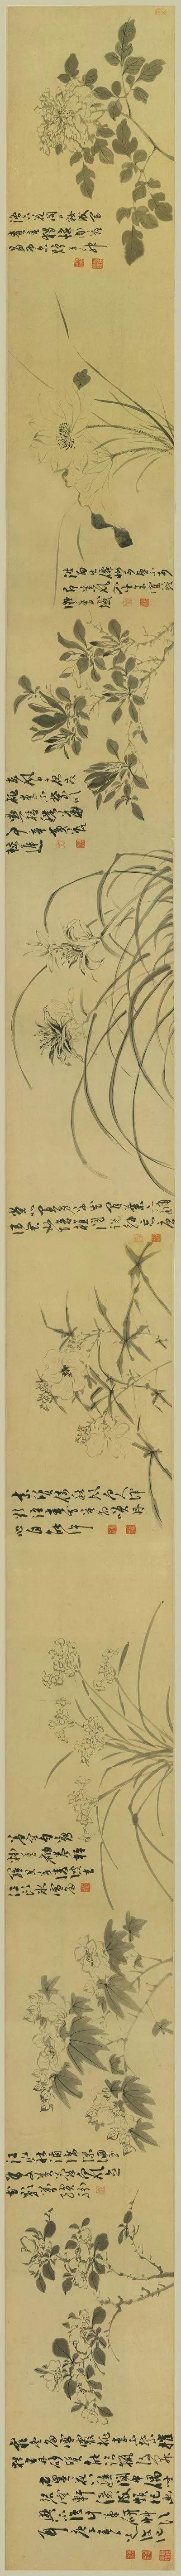 陈淳,《花卉图》卷,纸本墨笔,天津博物馆藏